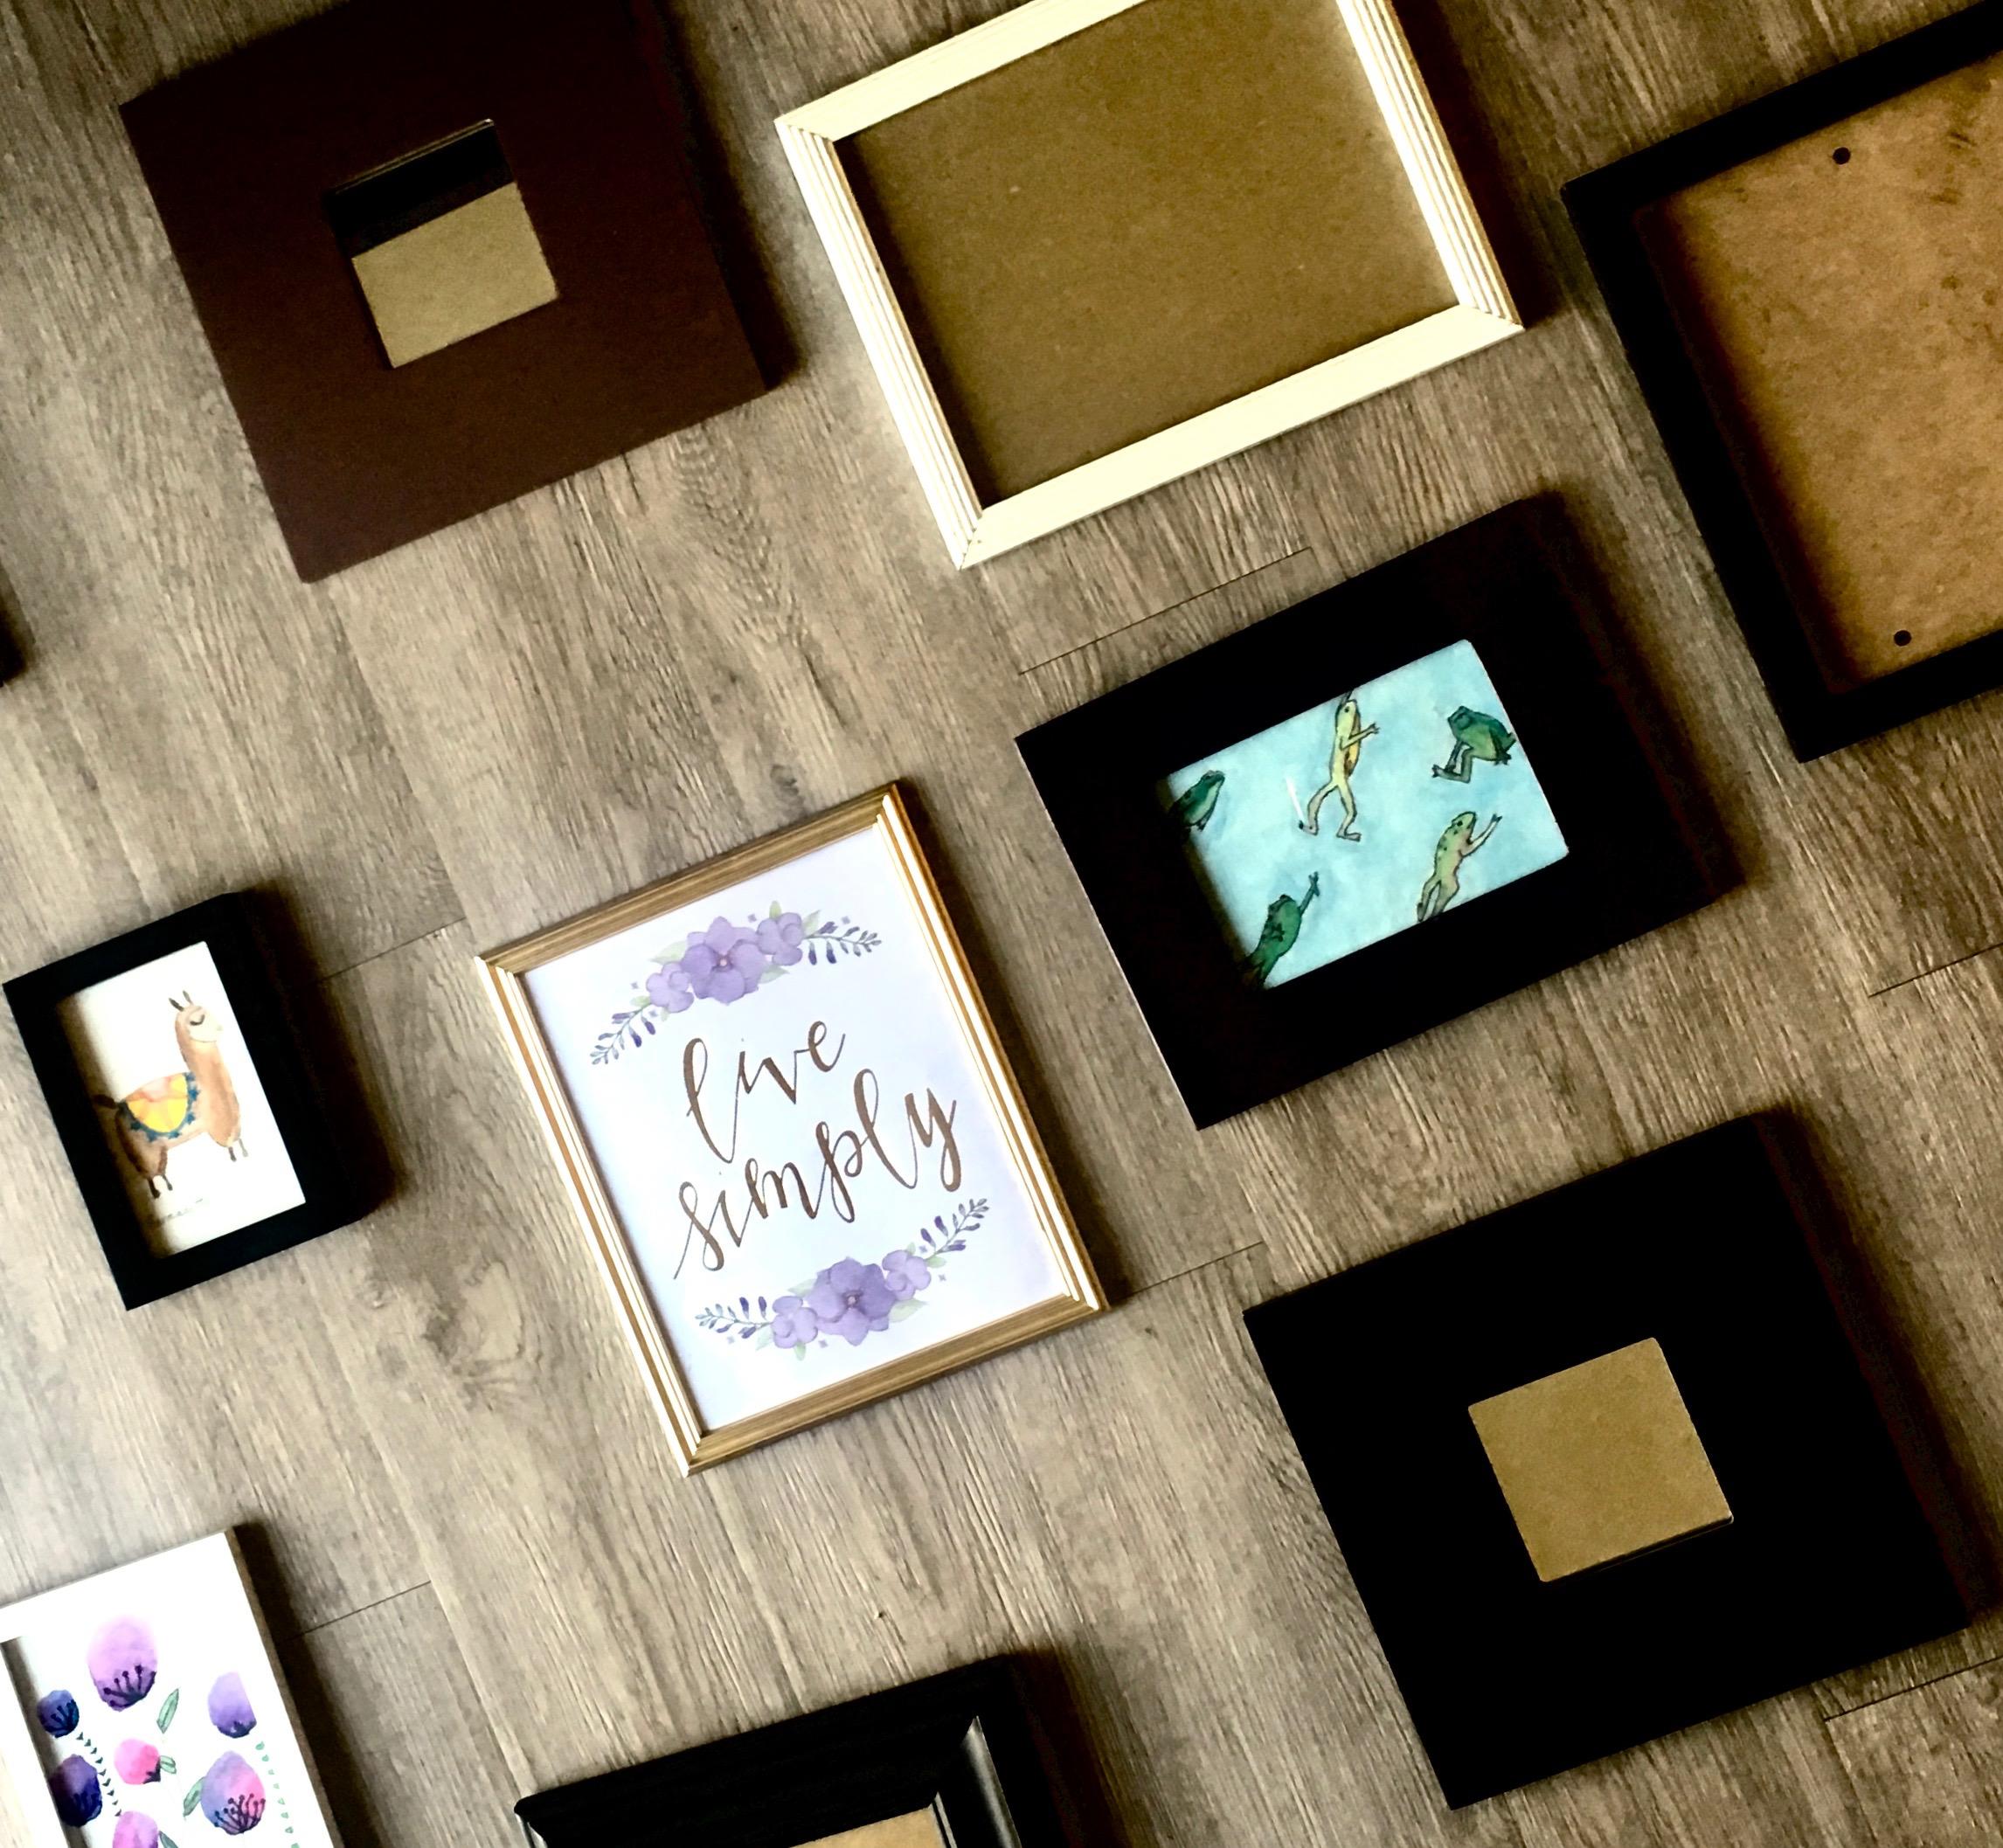 DIY Frames and Watercolors